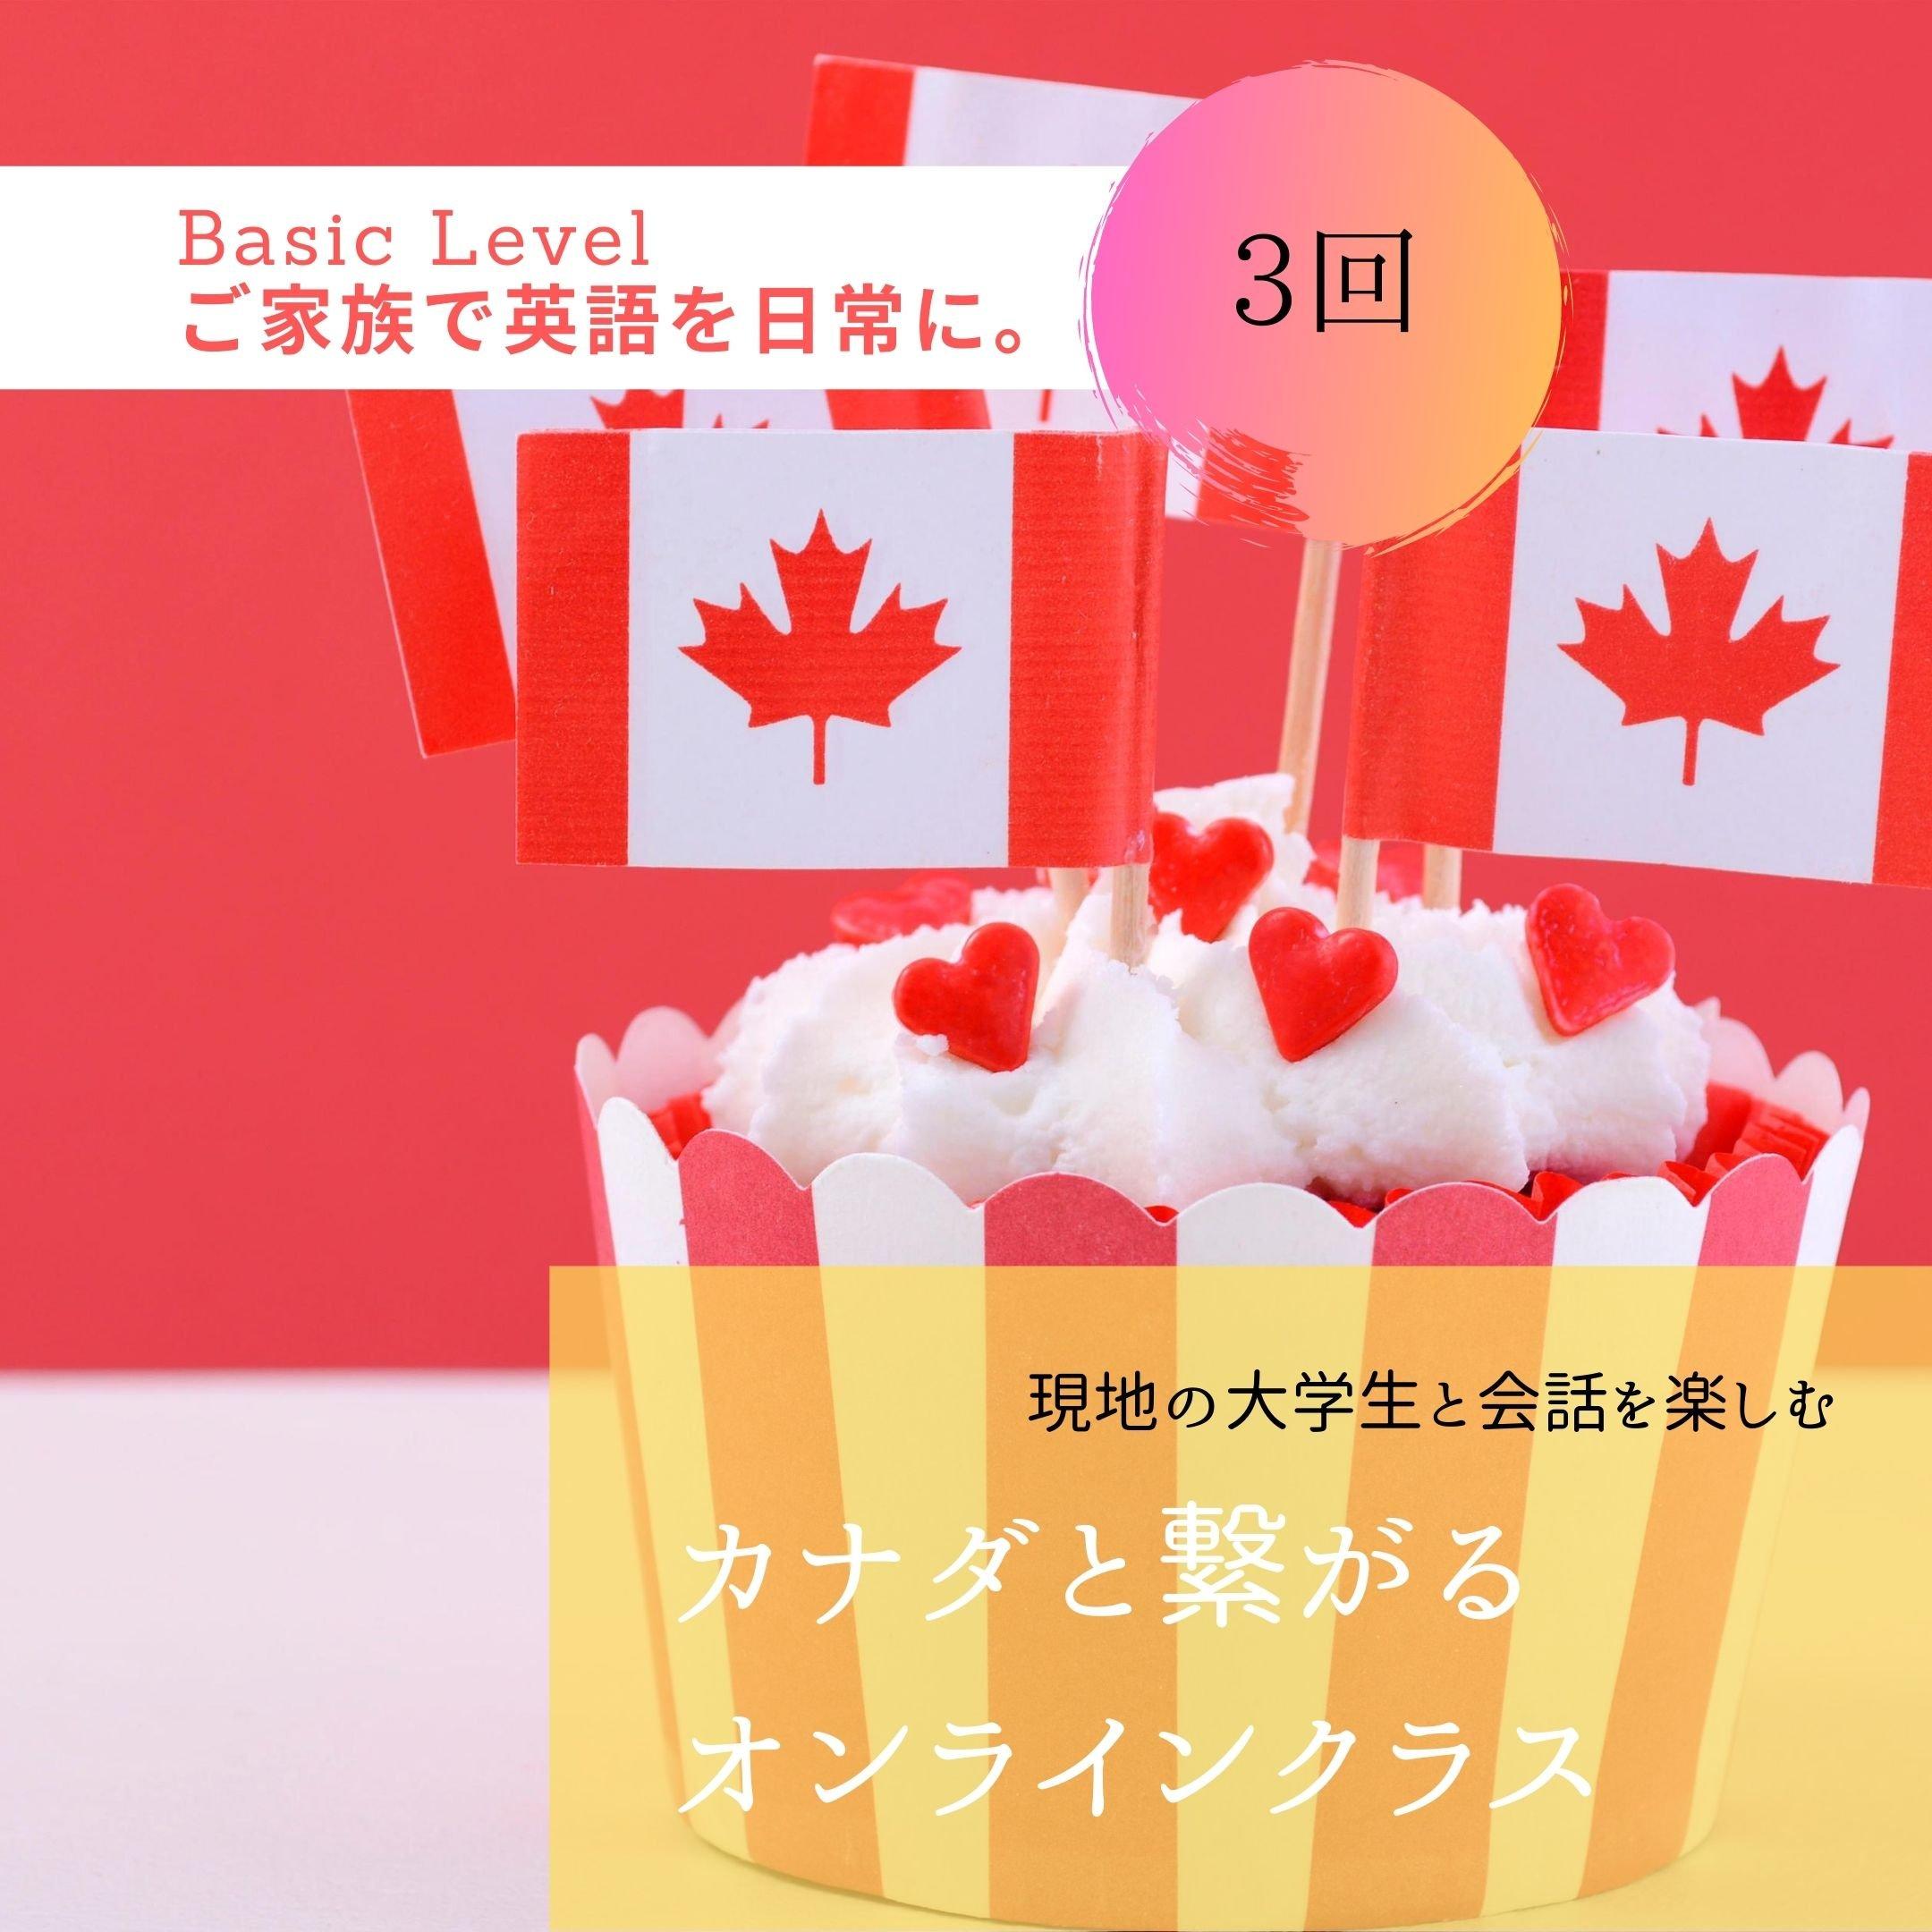 3回【Basic】カナダと繋がる英会話(8/17より毎週月・水・土の10時スタート)のイメージその1